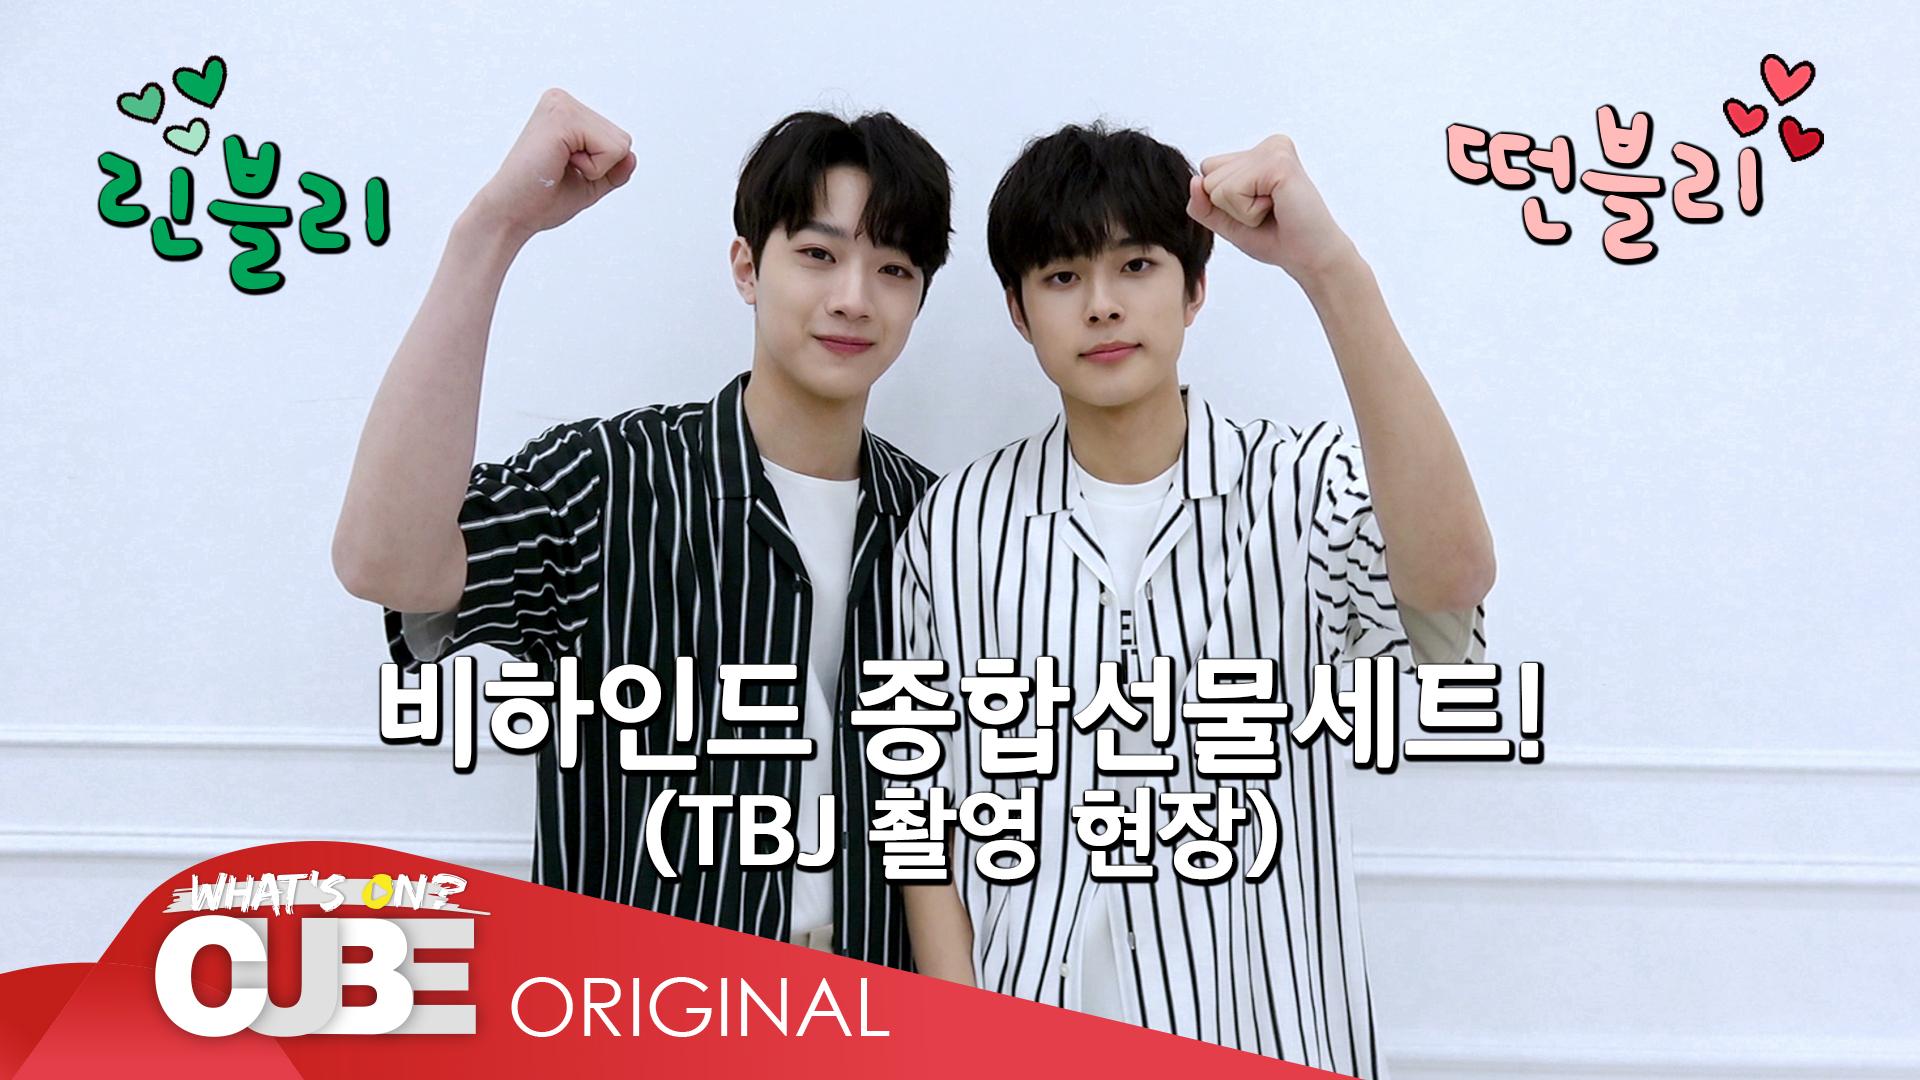 라이관린 & 유선호 - TBJ 광고 촬영 현장 비하인드